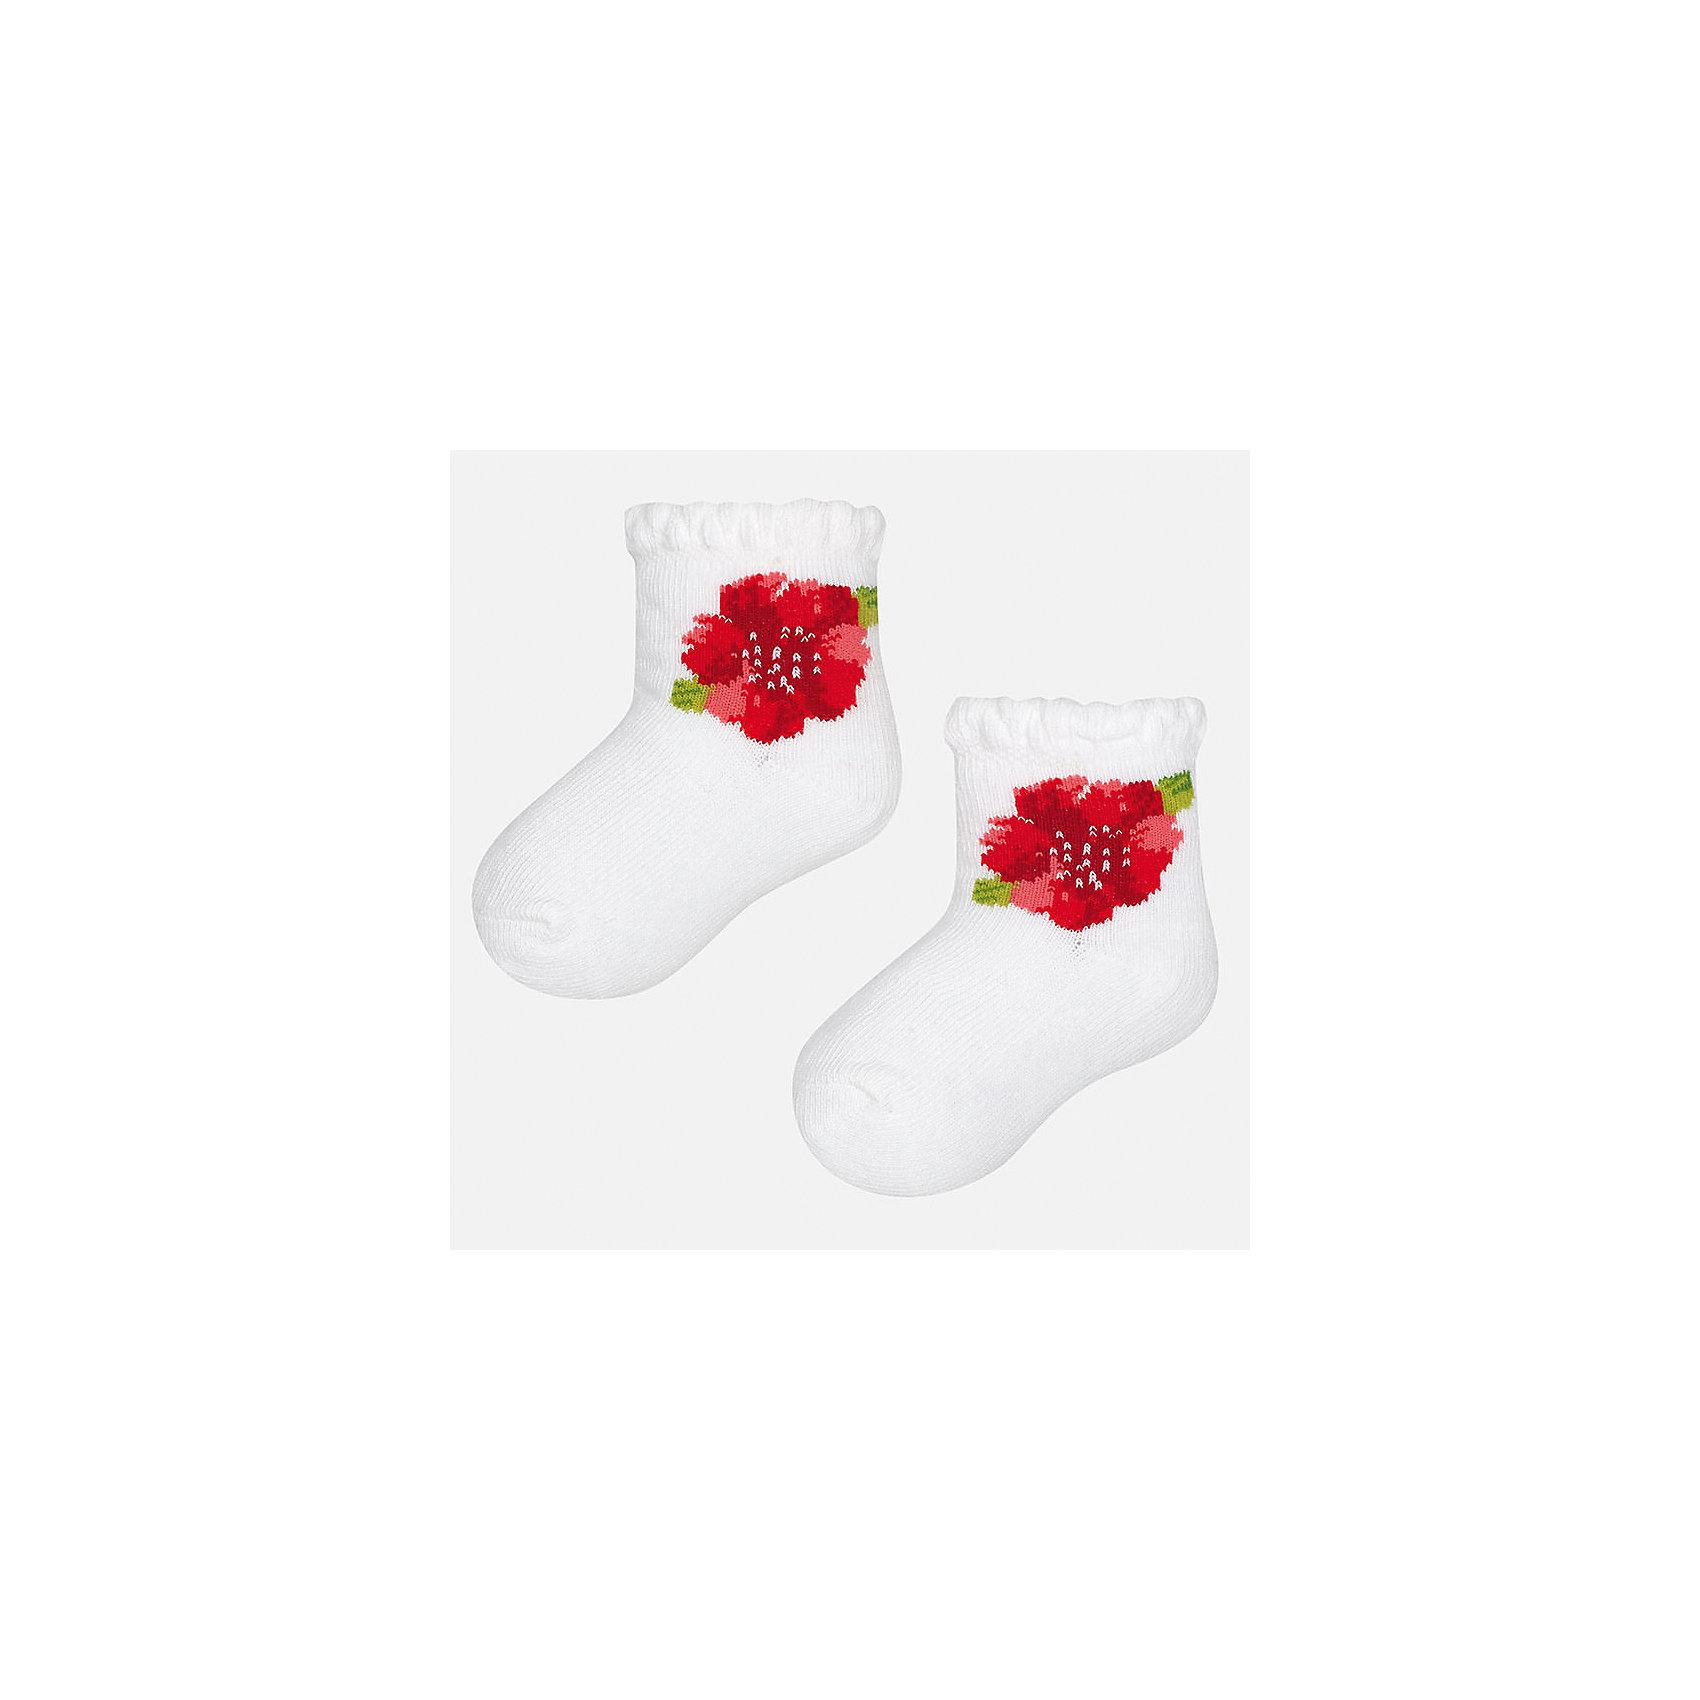 Носки для девочки MayoralНоски<br>Характеристики товара:<br><br>• цвет: белый<br>• состав: 68% хлопок, 28% полиамид, 4% эластан<br>• комплектация: одна пара<br>• мягкая ажурная резинка<br>• эластичный материал<br>• декорированы цветами<br>• страна бренда: Испания<br><br>Удобные симпатичные носки для девочки помогут обеспечить ребенку комфорт и дополнить наряд. Универсальный цвет позволяет надевать их под обувь разных расцветок. Носки удобно сидят на ноге и красиво смотрятся. В составе материала - натуральный хлопок, гипоаллергенный, приятный на ощупь, дышащий. <br><br>Одежда, обувь и аксессуары от испанского бренда Mayoral полюбились детям и взрослым по всему миру. Модели этой марки - стильные и удобные. Для их производства используются только безопасные, качественные материалы и фурнитура. Порадуйте ребенка модными и красивыми вещами от Mayoral! <br><br>Носки для девочки от испанского бренда Mayoral (Майорал) можно купить в нашем интернет-магазине.<br><br>Ширина мм: 87<br>Глубина мм: 10<br>Высота мм: 105<br>Вес г: 115<br>Цвет: белый<br>Возраст от месяцев: 21<br>Возраст до месяцев: 24<br>Пол: Женский<br>Возраст: Детский<br>Размер: 24,12<br>SKU: 5293385